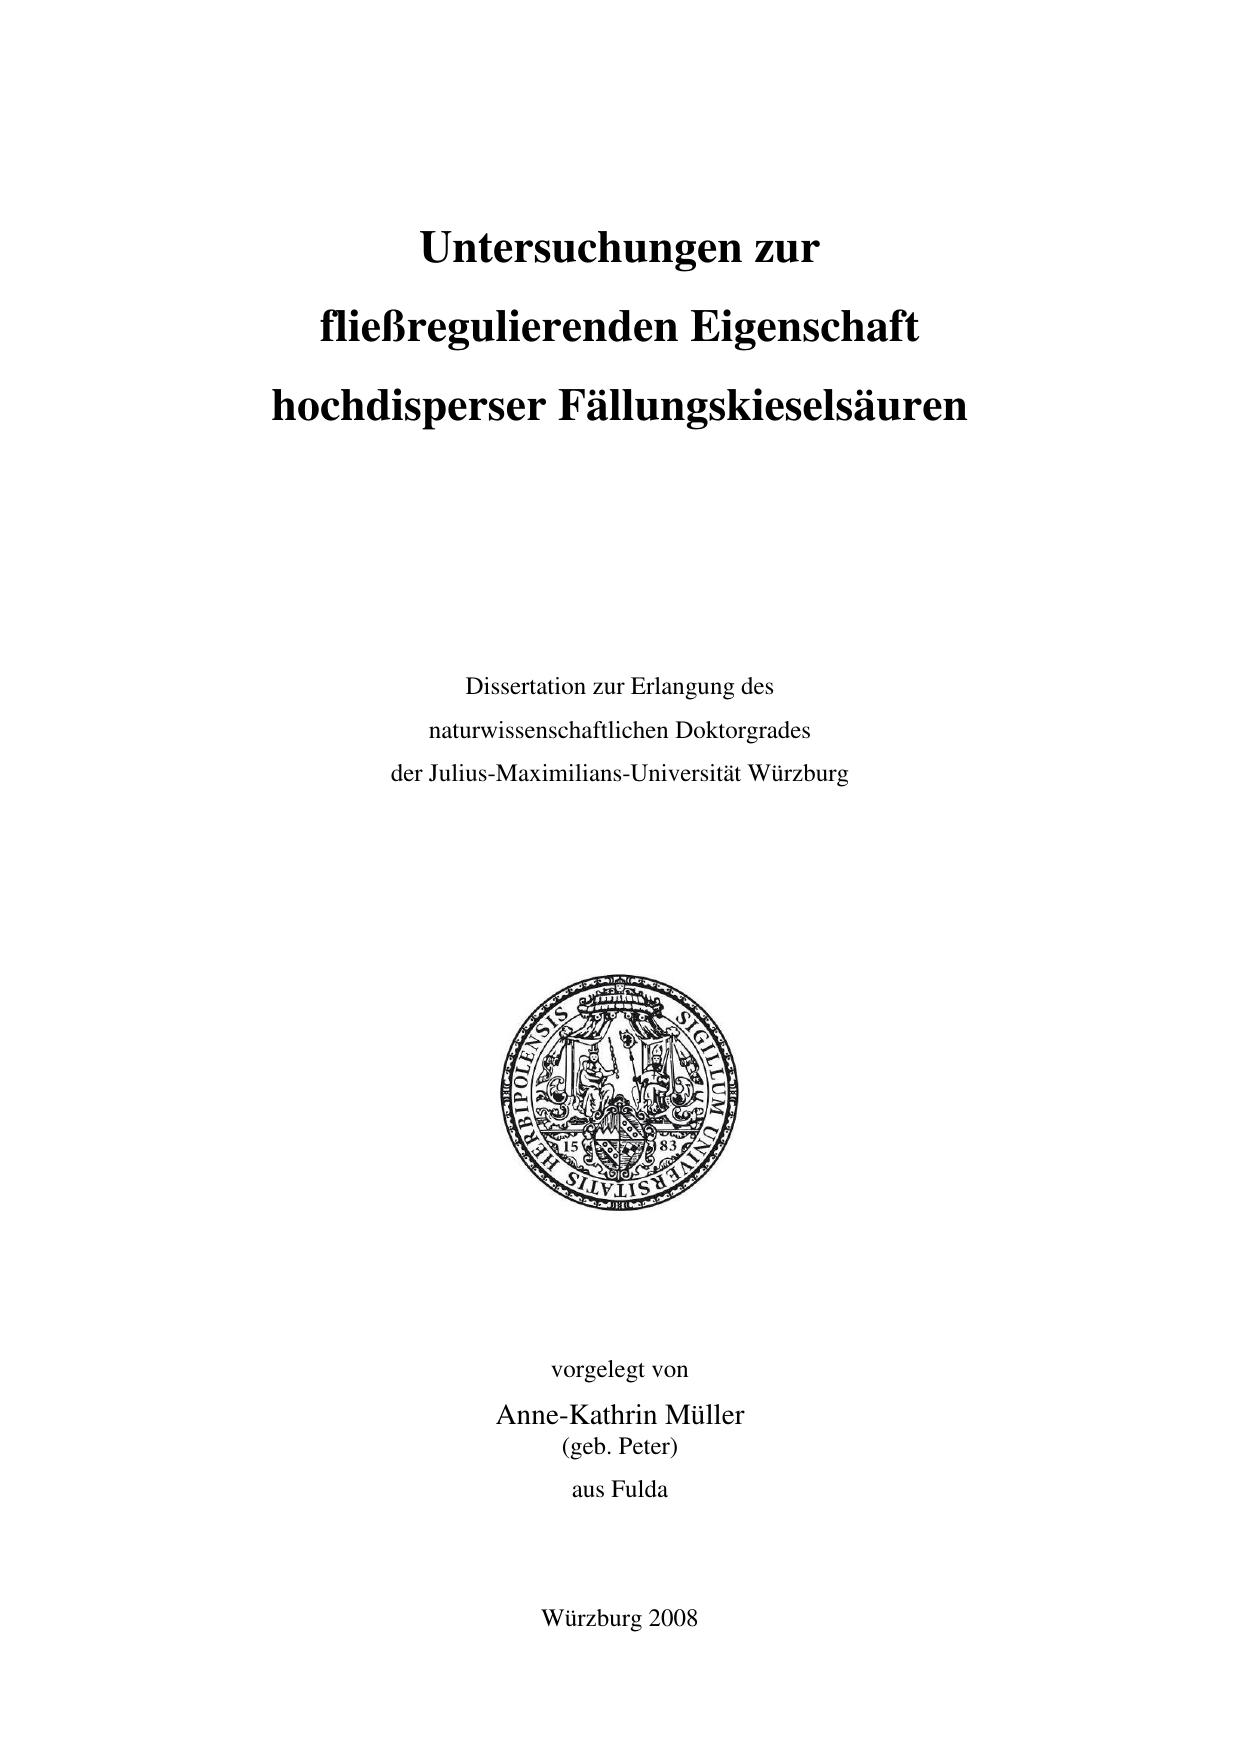 Untersuchungen zur fließregulierenden | manualzz.com